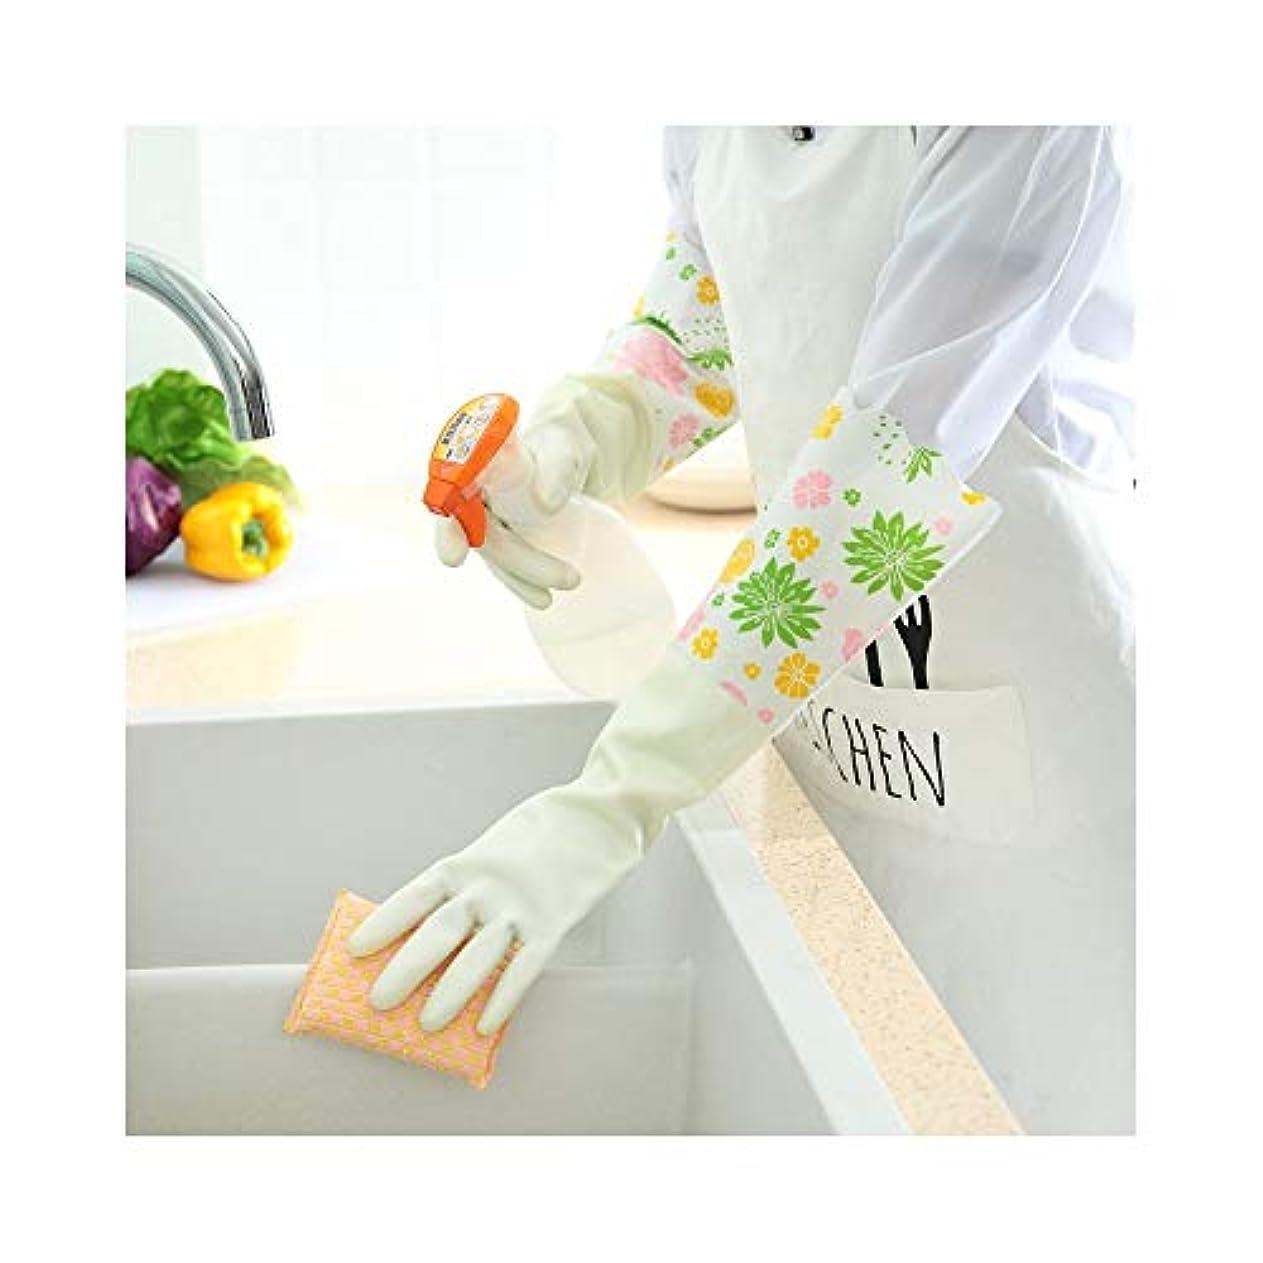 衣類純粋にマトロン使い捨て手袋 キッチン用手袋防水性と耐久性のあるゴム製家事用手袋、1ペア ニトリルゴム手袋 (Color : GREEN, Size : L)